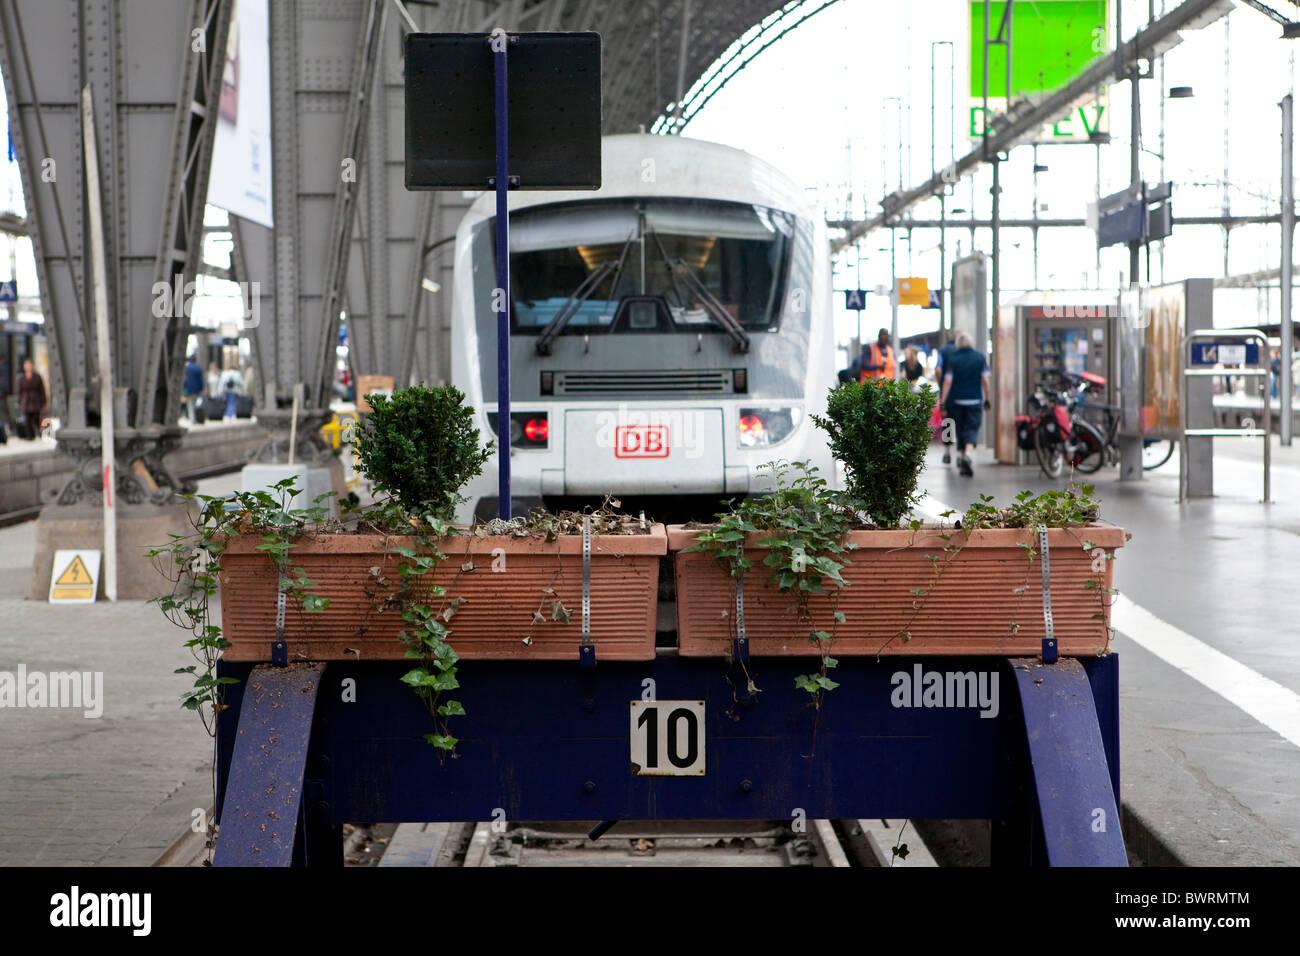 Ein Regionalzug an einer Plattform, Hauptbahnhof Frankfurt, Frankfurt Am Main, Hessen, Deutschland, Europa Stockbild